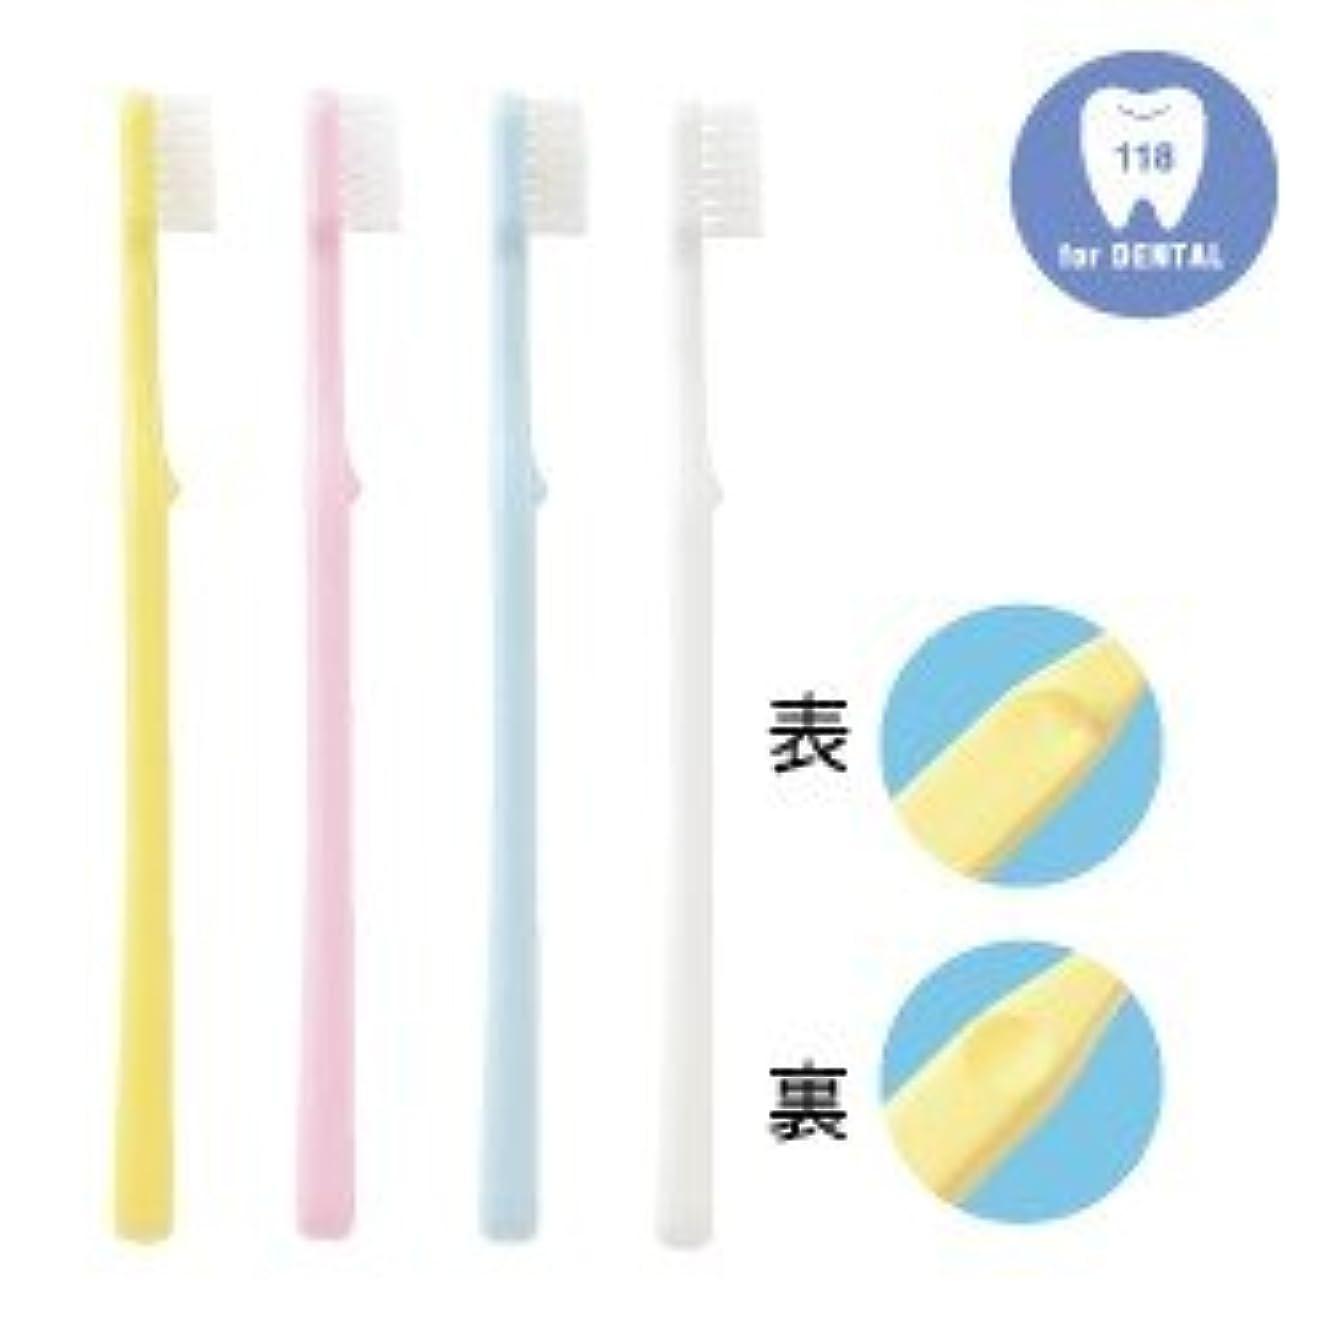 異常好きである森歯科専用歯ブラシ フォーカス 子供用 118シリーズ M(ふつう) 20本